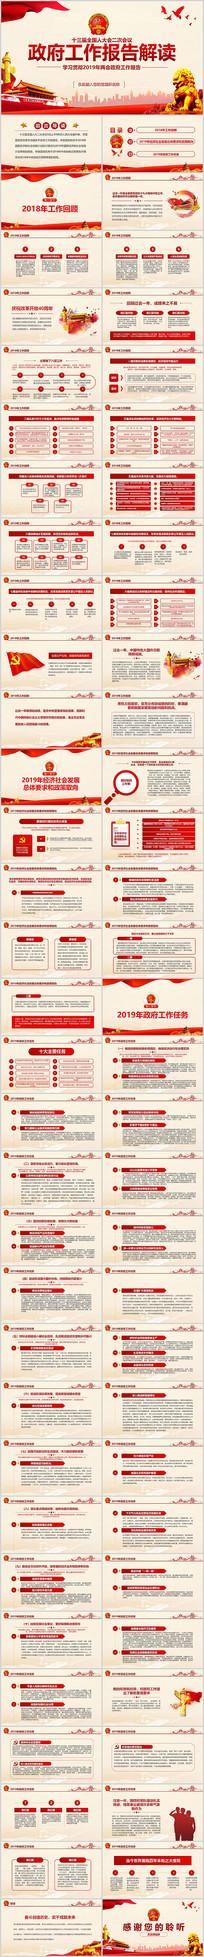 2019全国两会政协政府工作报告ppt